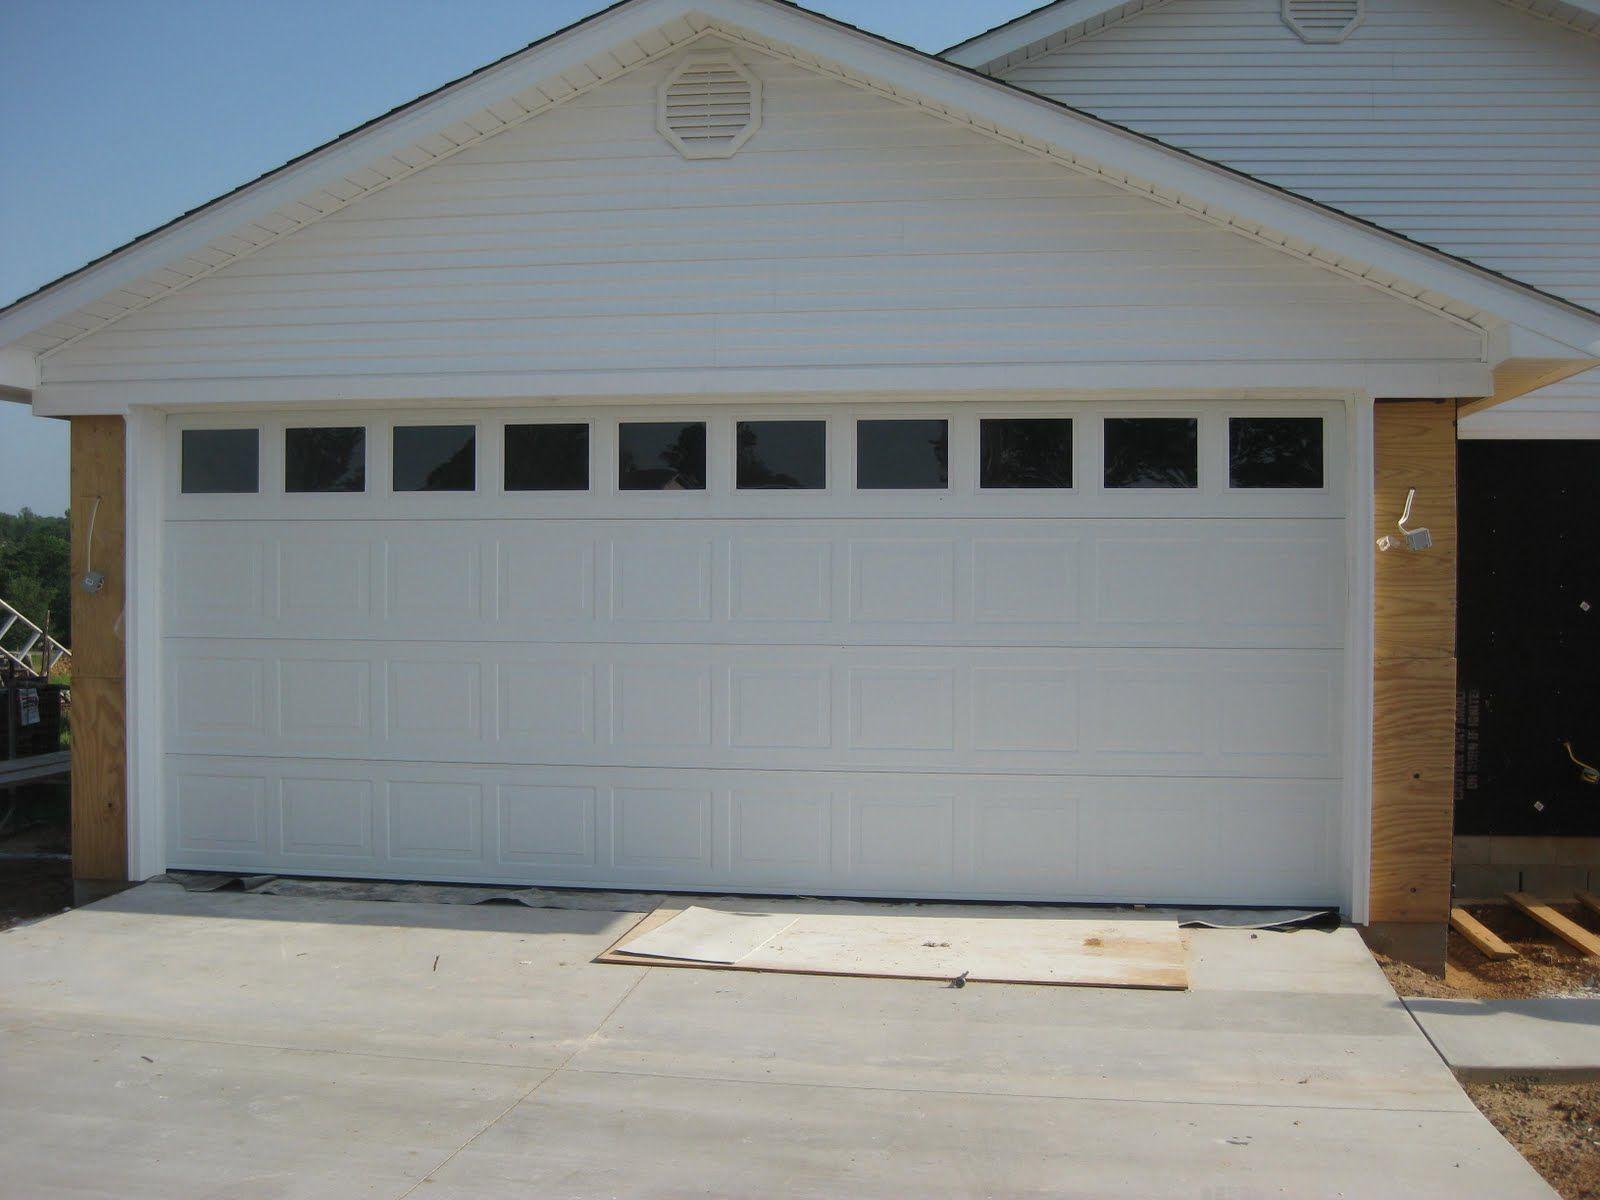 37 Garage Door Trim Ideas To Improve Your Exterior Garage Door Colors Garage Doors Garage Door Styles